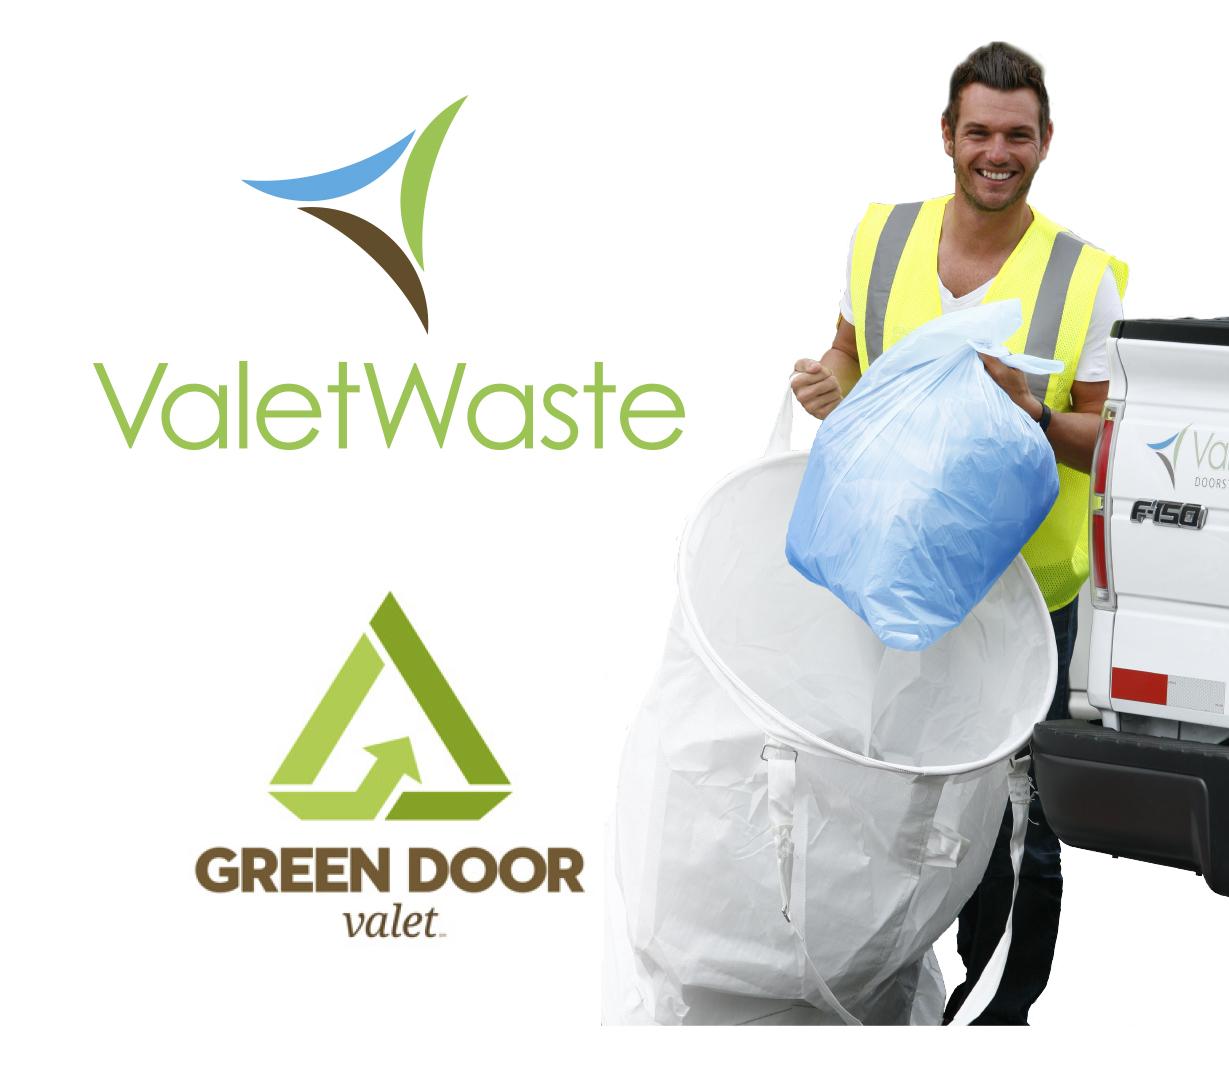 valet trash removal business plan